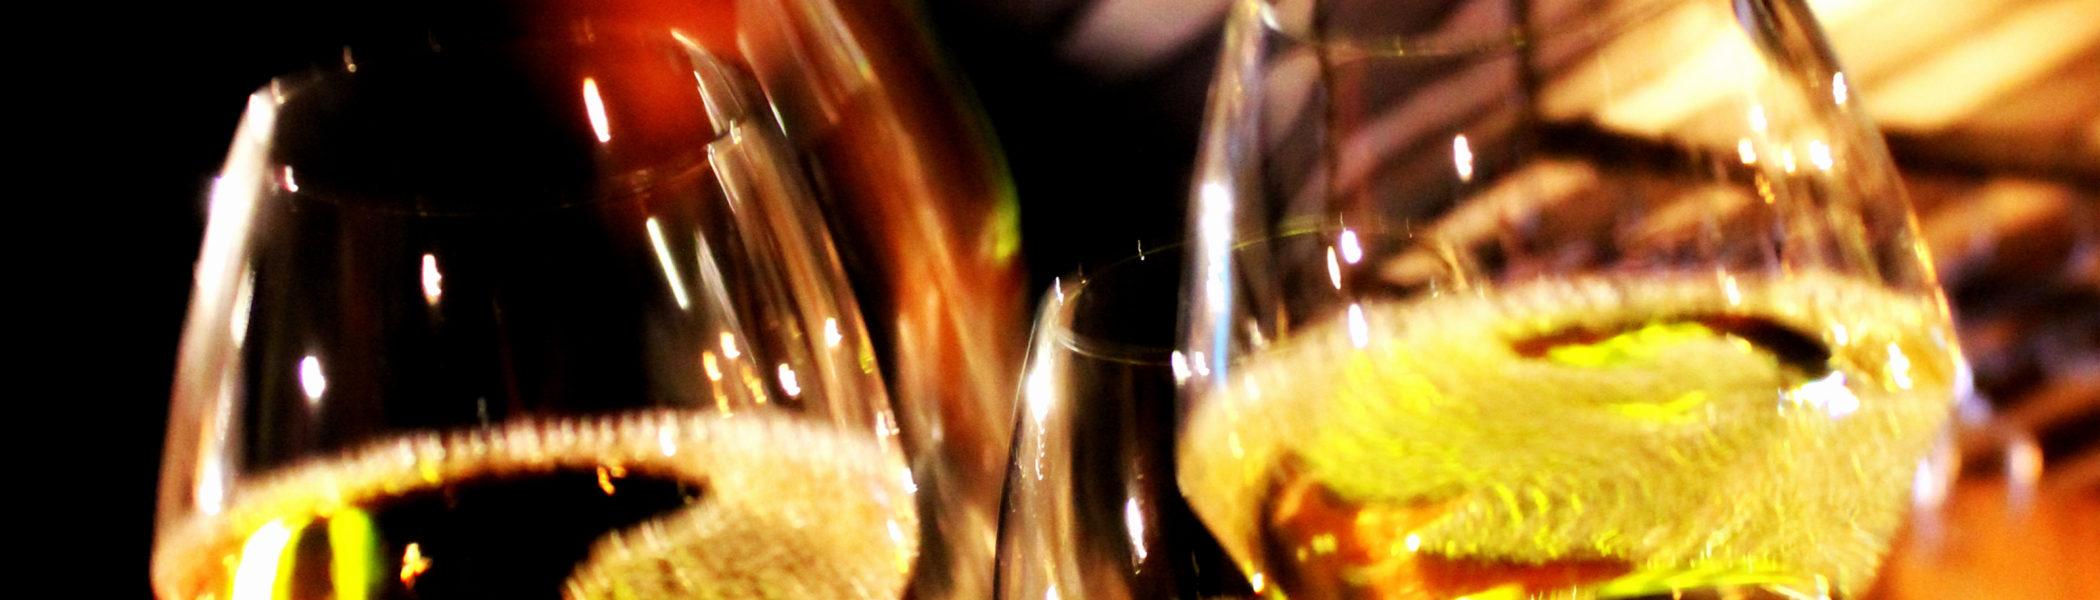 restaurant-zaandam-manzo-bar-bistro-drinken-wijn